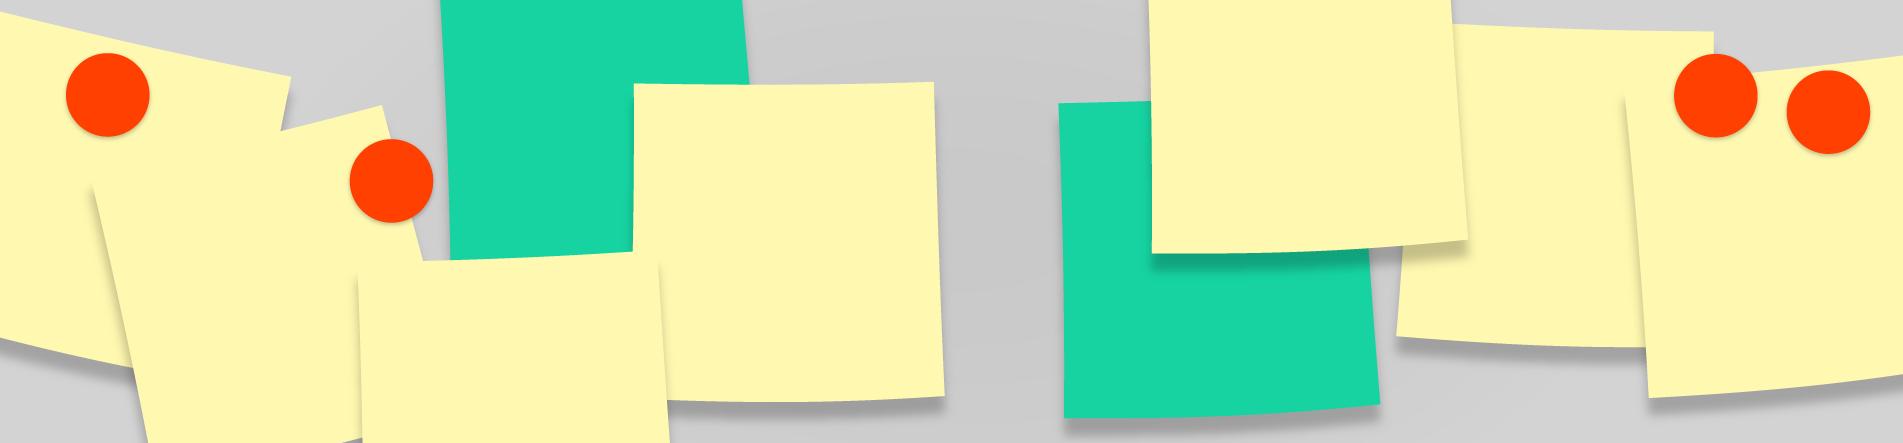 Gelbe und grüne Notizzettel an eine Pinnwand geheftet.